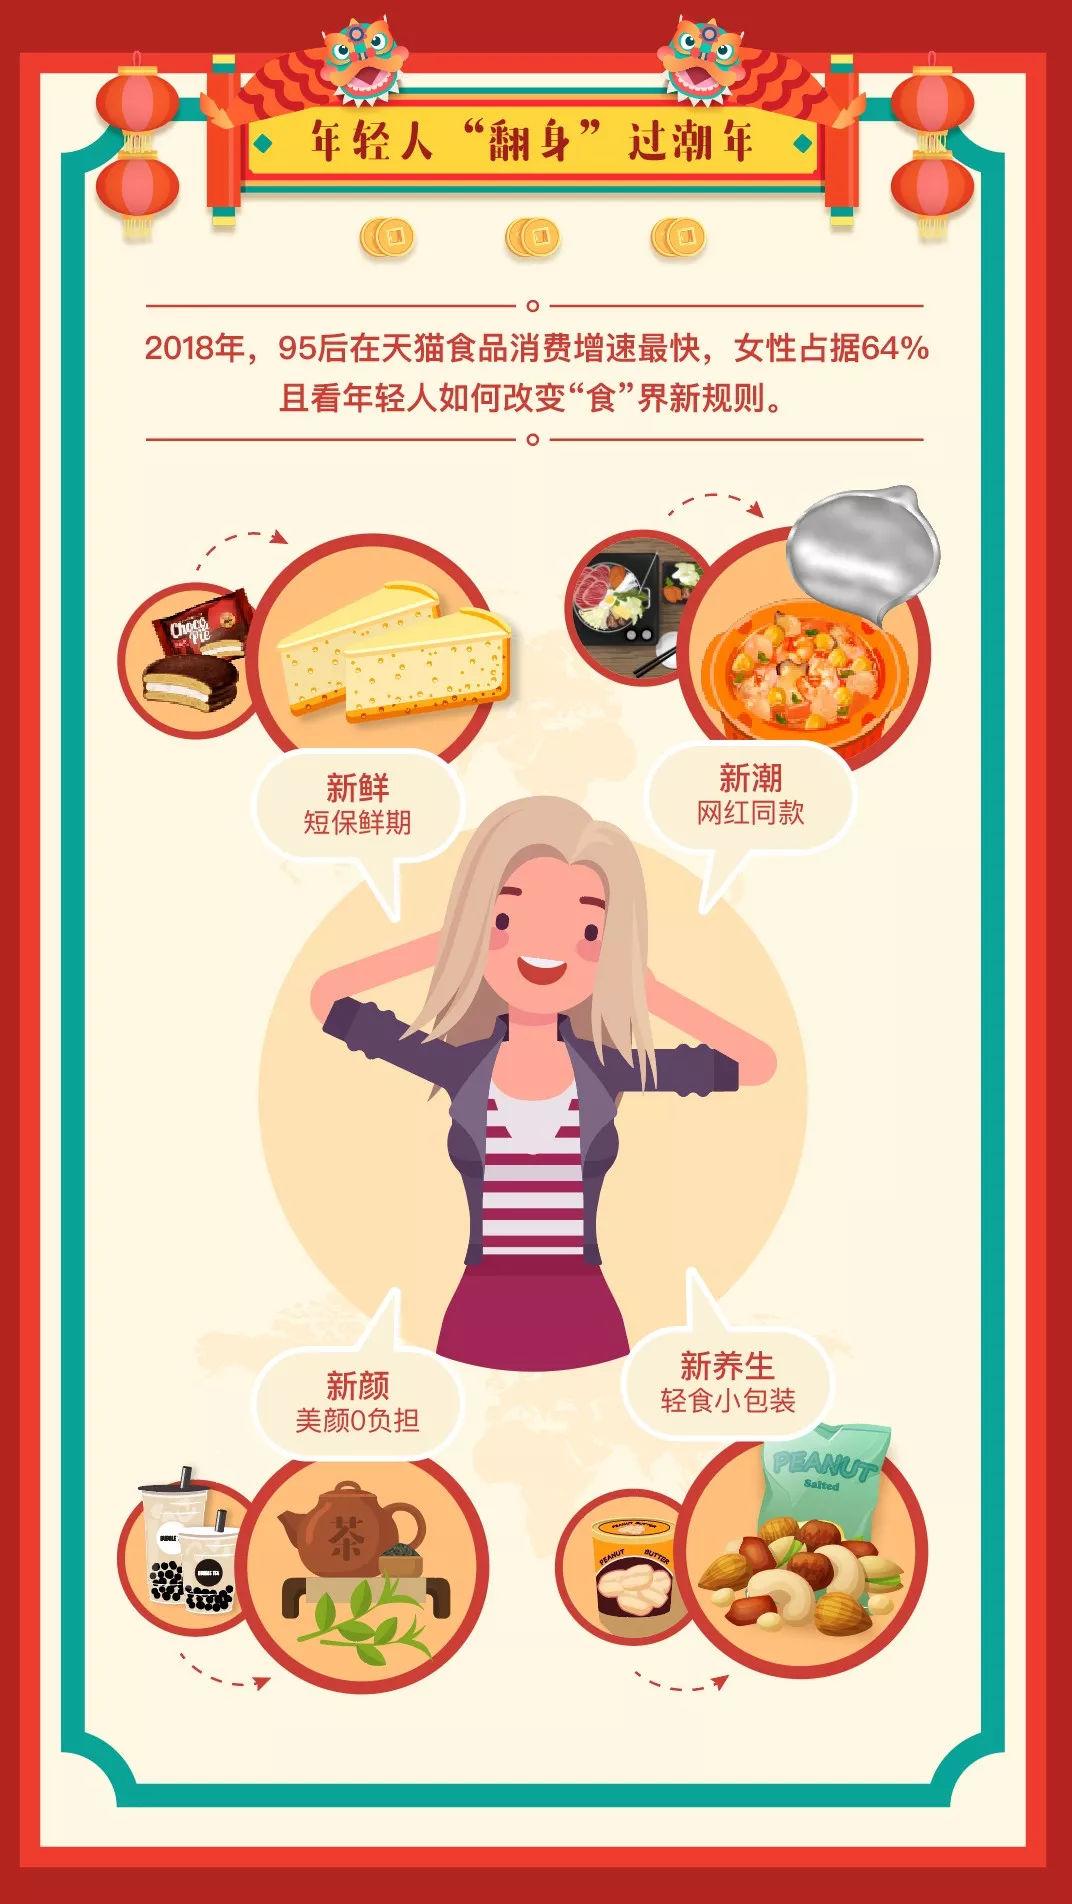 年货图鉴:95后食品消费增速最快 北上广深杭最爱